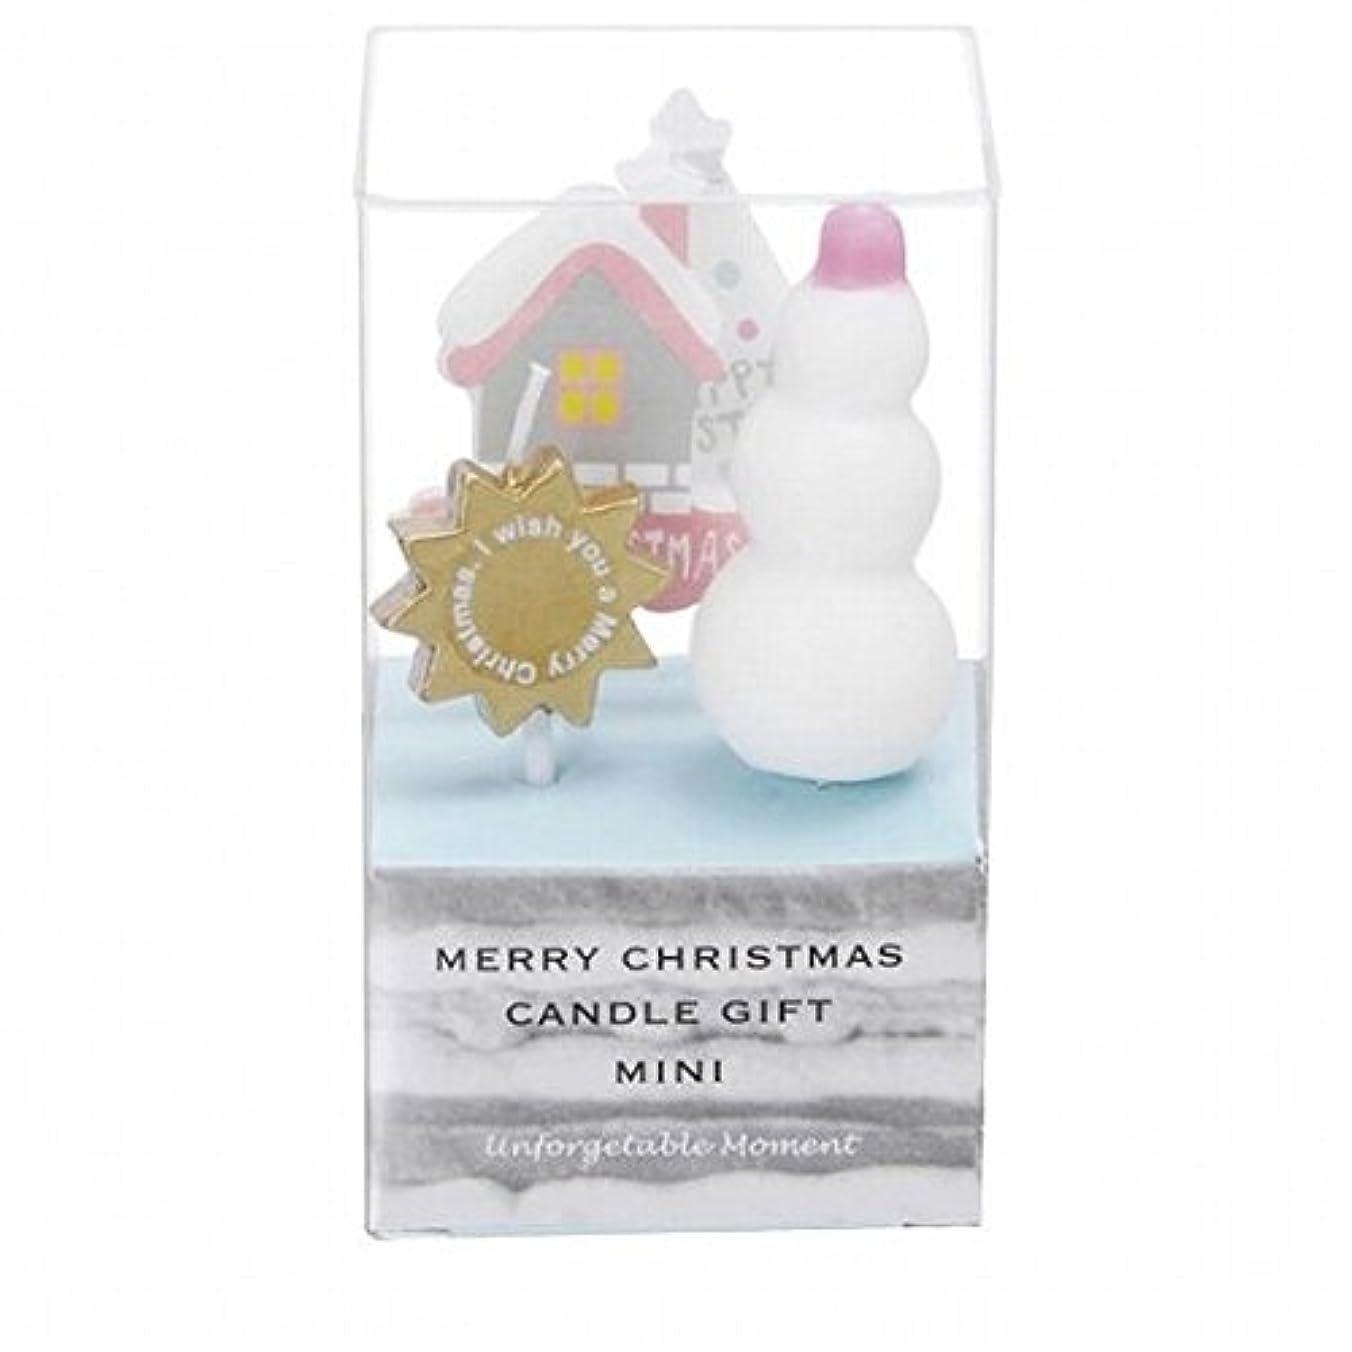 kameyama candle(カメヤマキャンドル) クリスマスキャンドルギフトミニ 「 B 」(55350050)